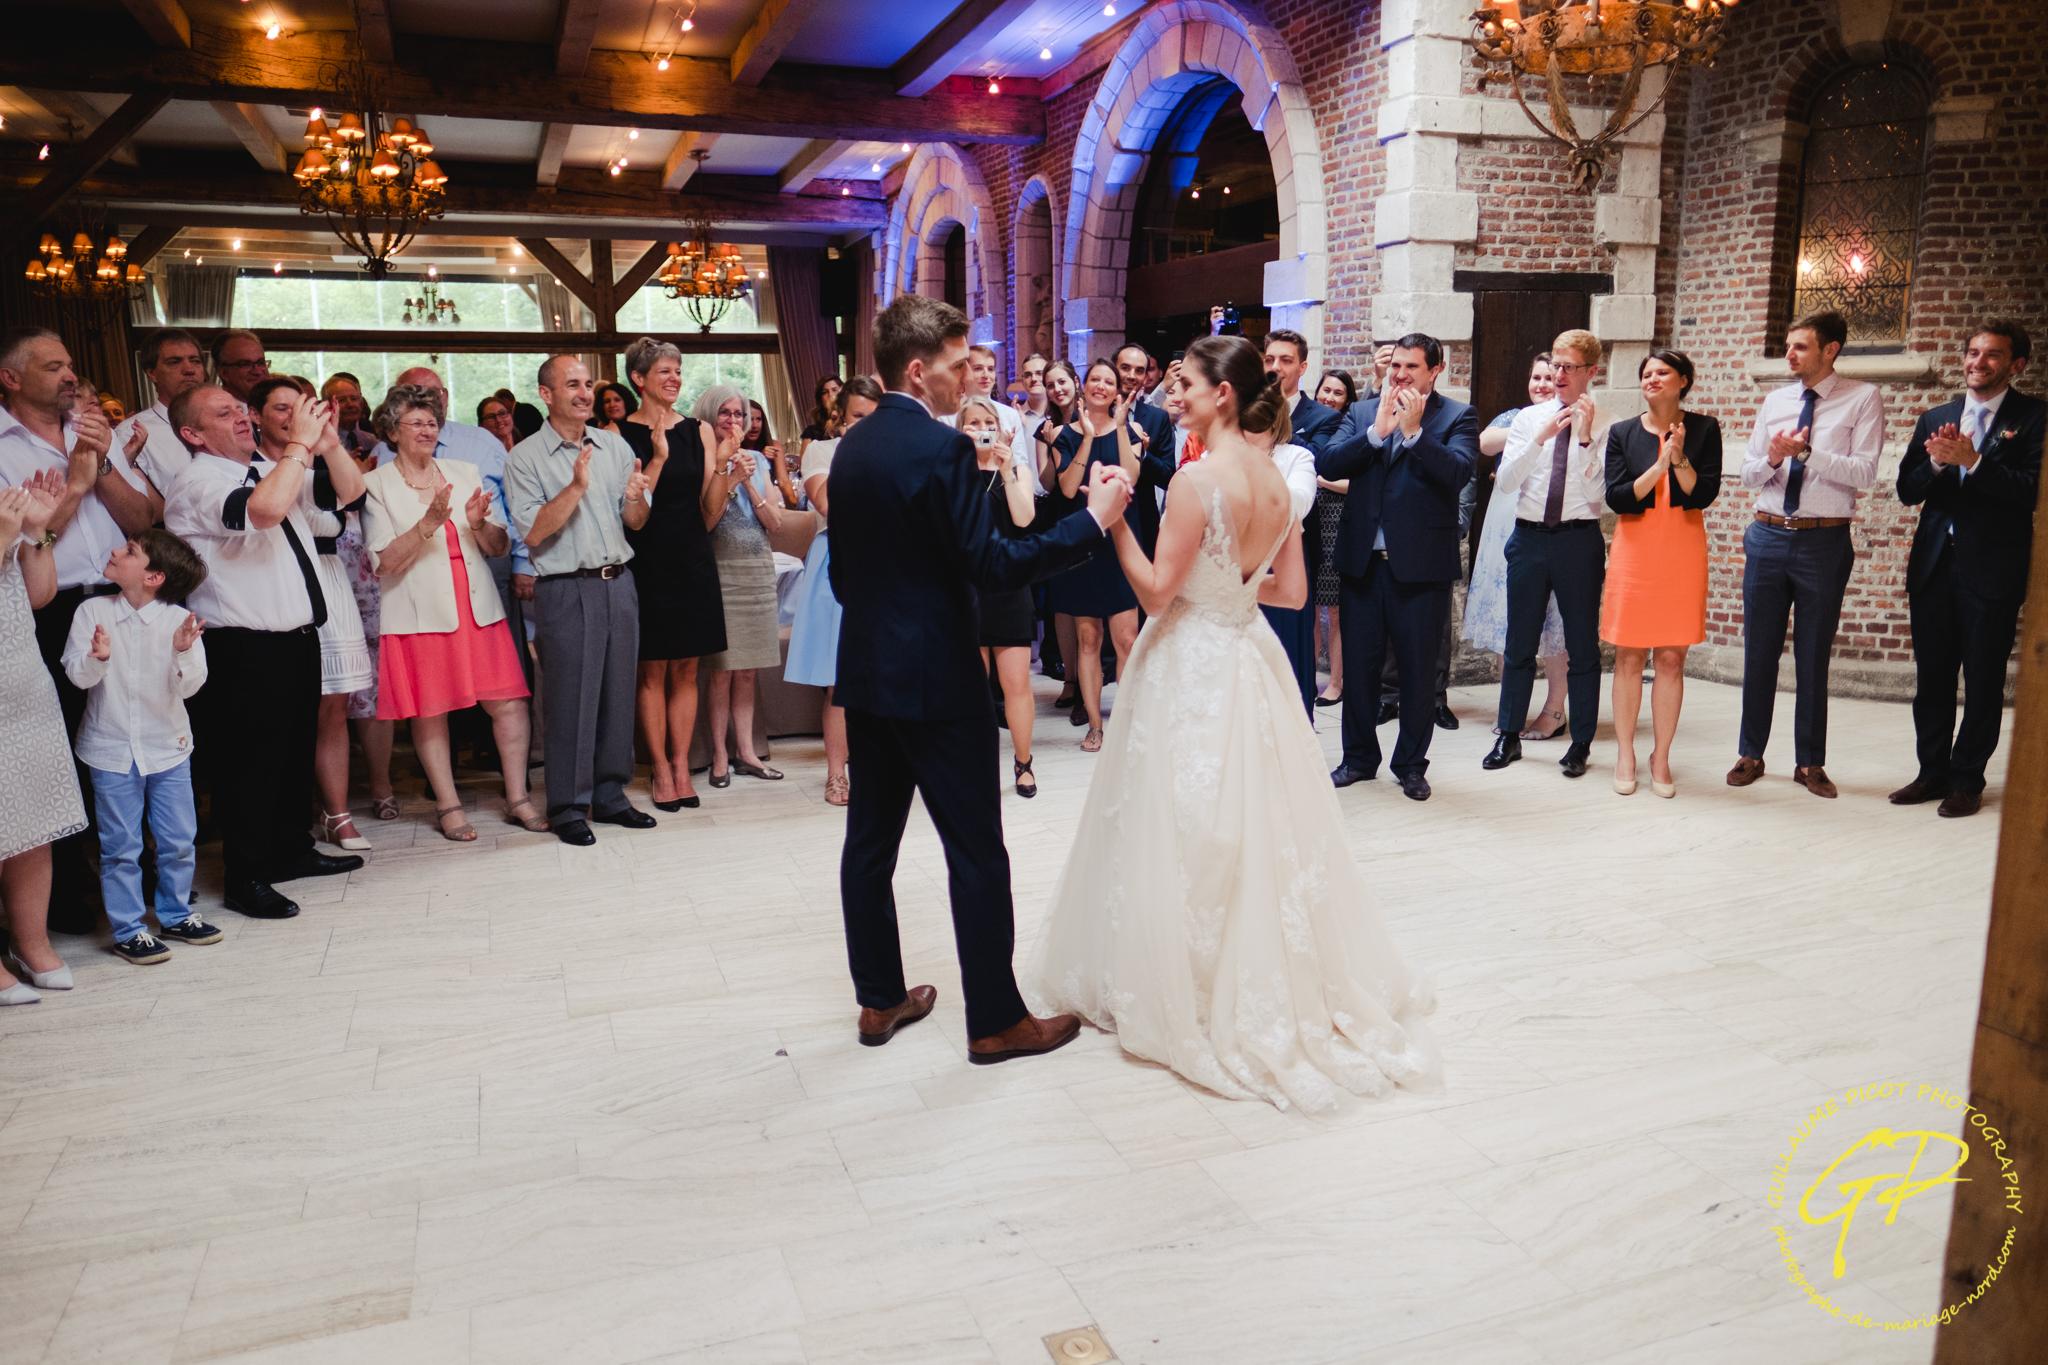 mariage chateau du biez pecq (109 sur 156)